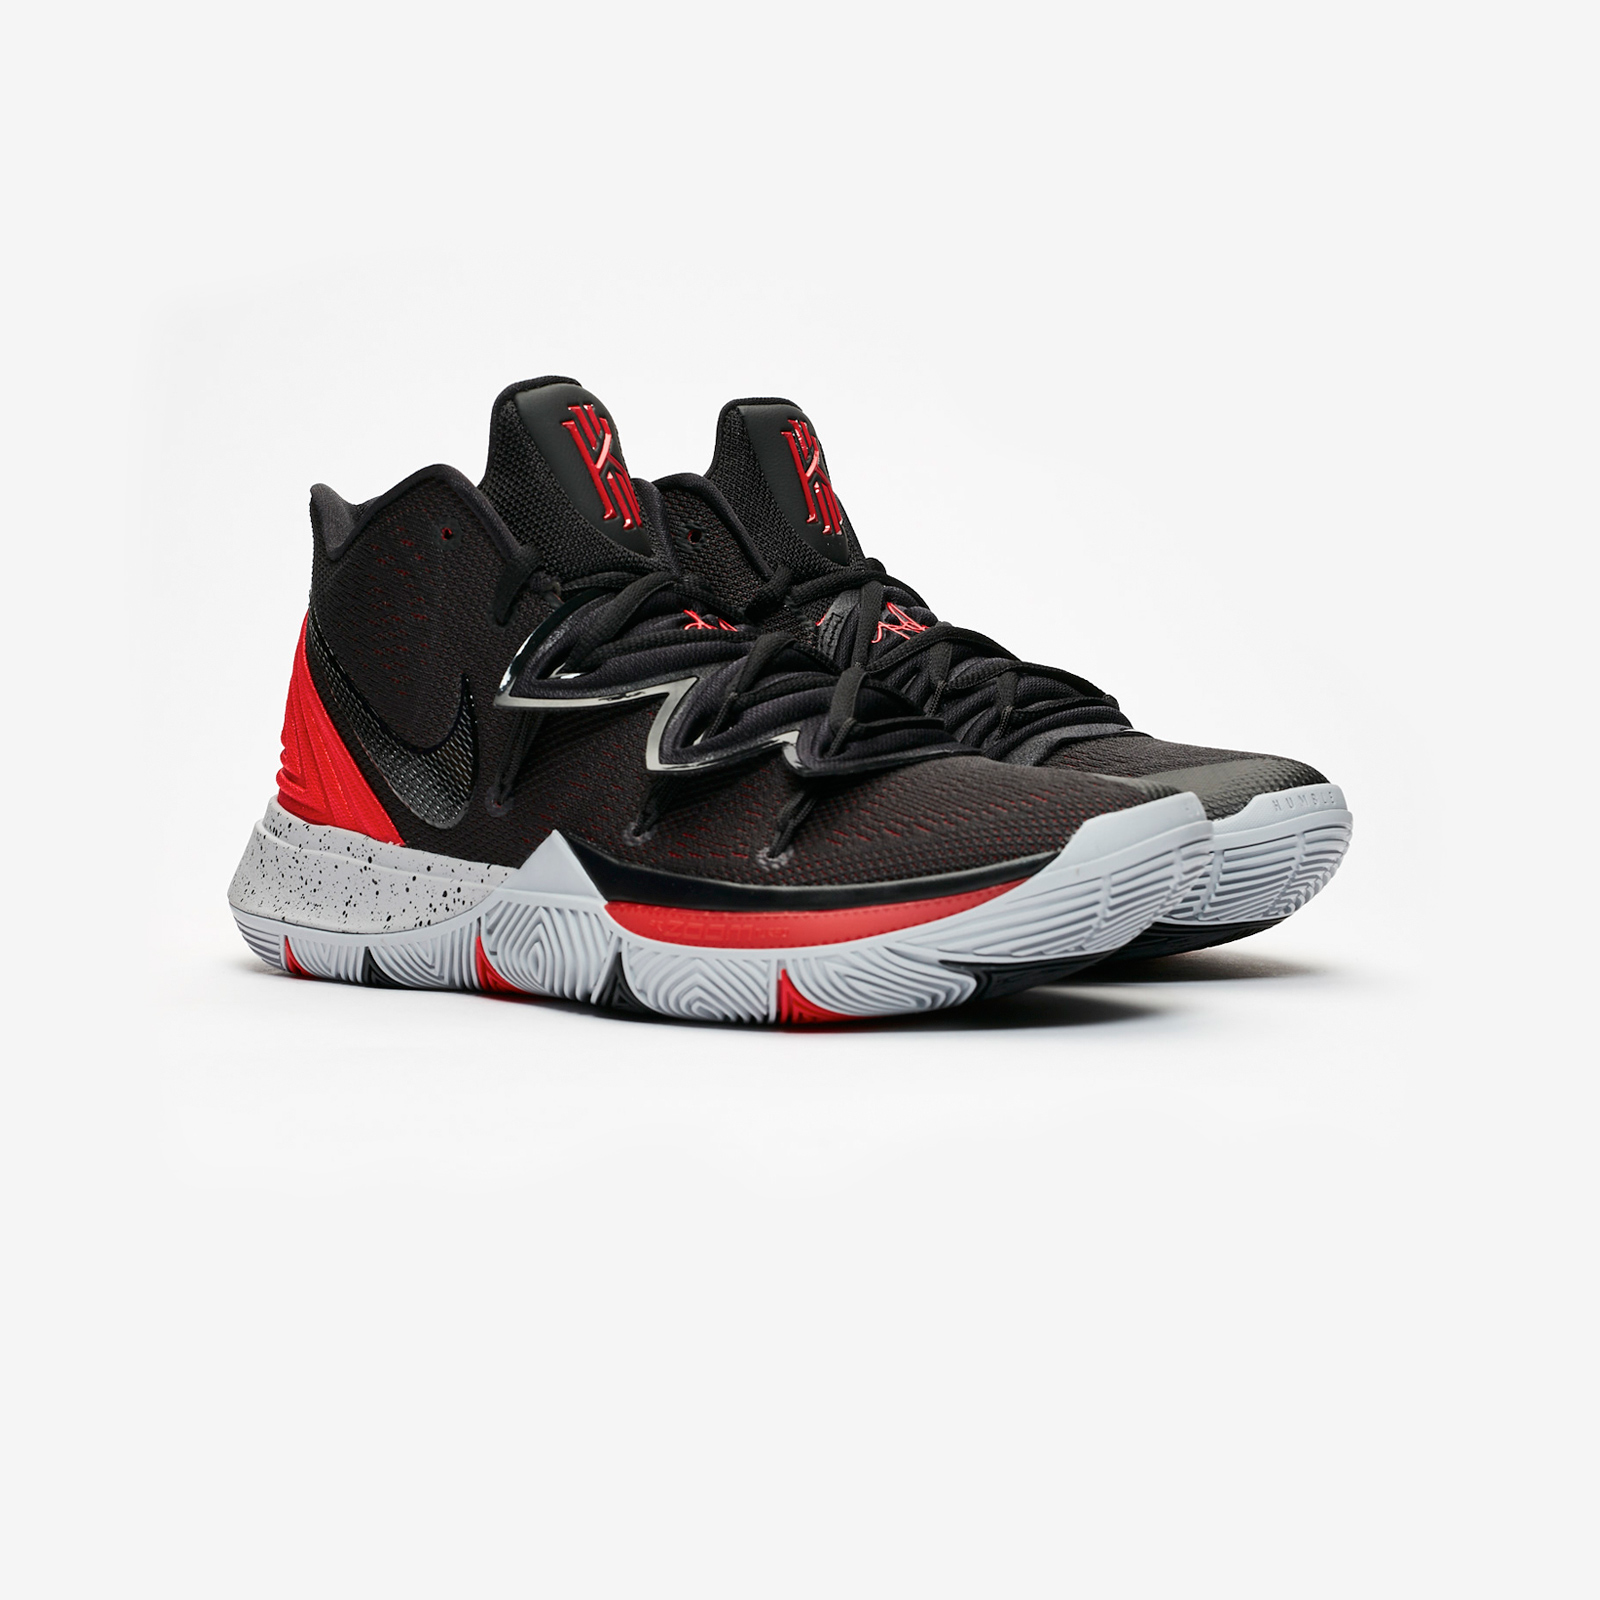 newest 5c5f1 4ff20 Nike Basketball Kyrie 5